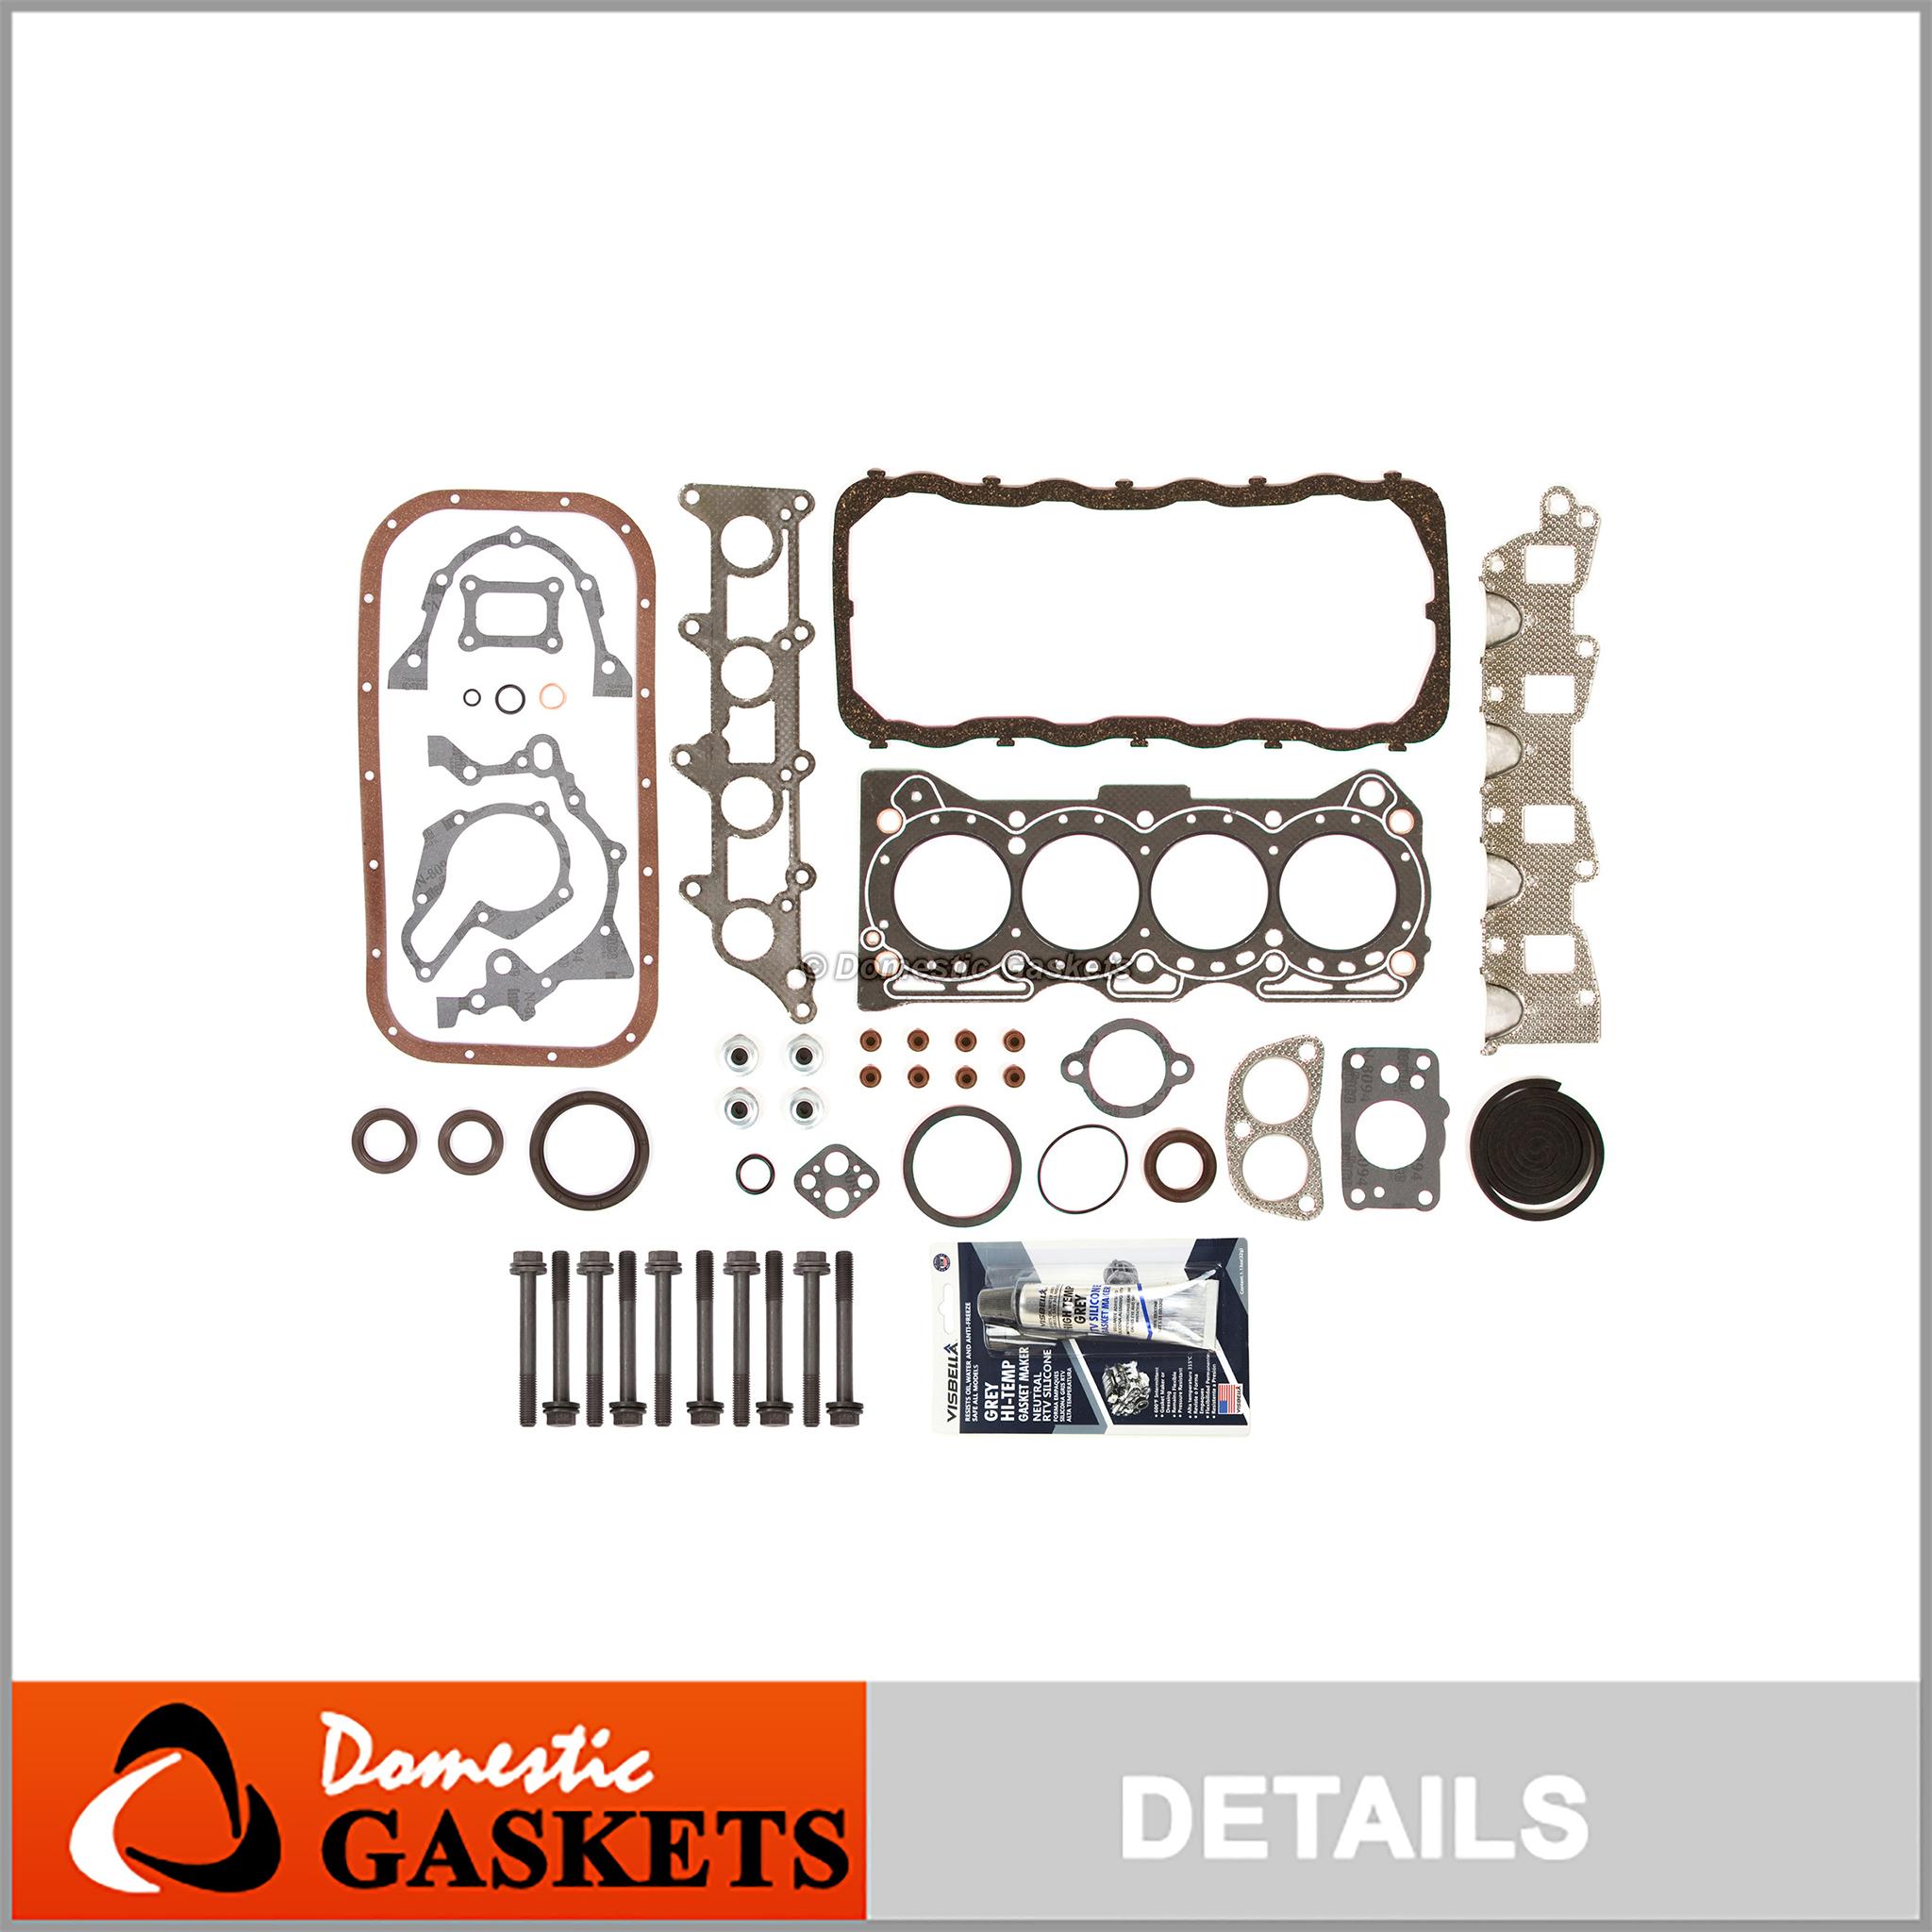 Head Gasket Set Bolts Fits 89-95 Geo Tracker Suzuki Sidekick 1.6L SOHC 8v G16KC